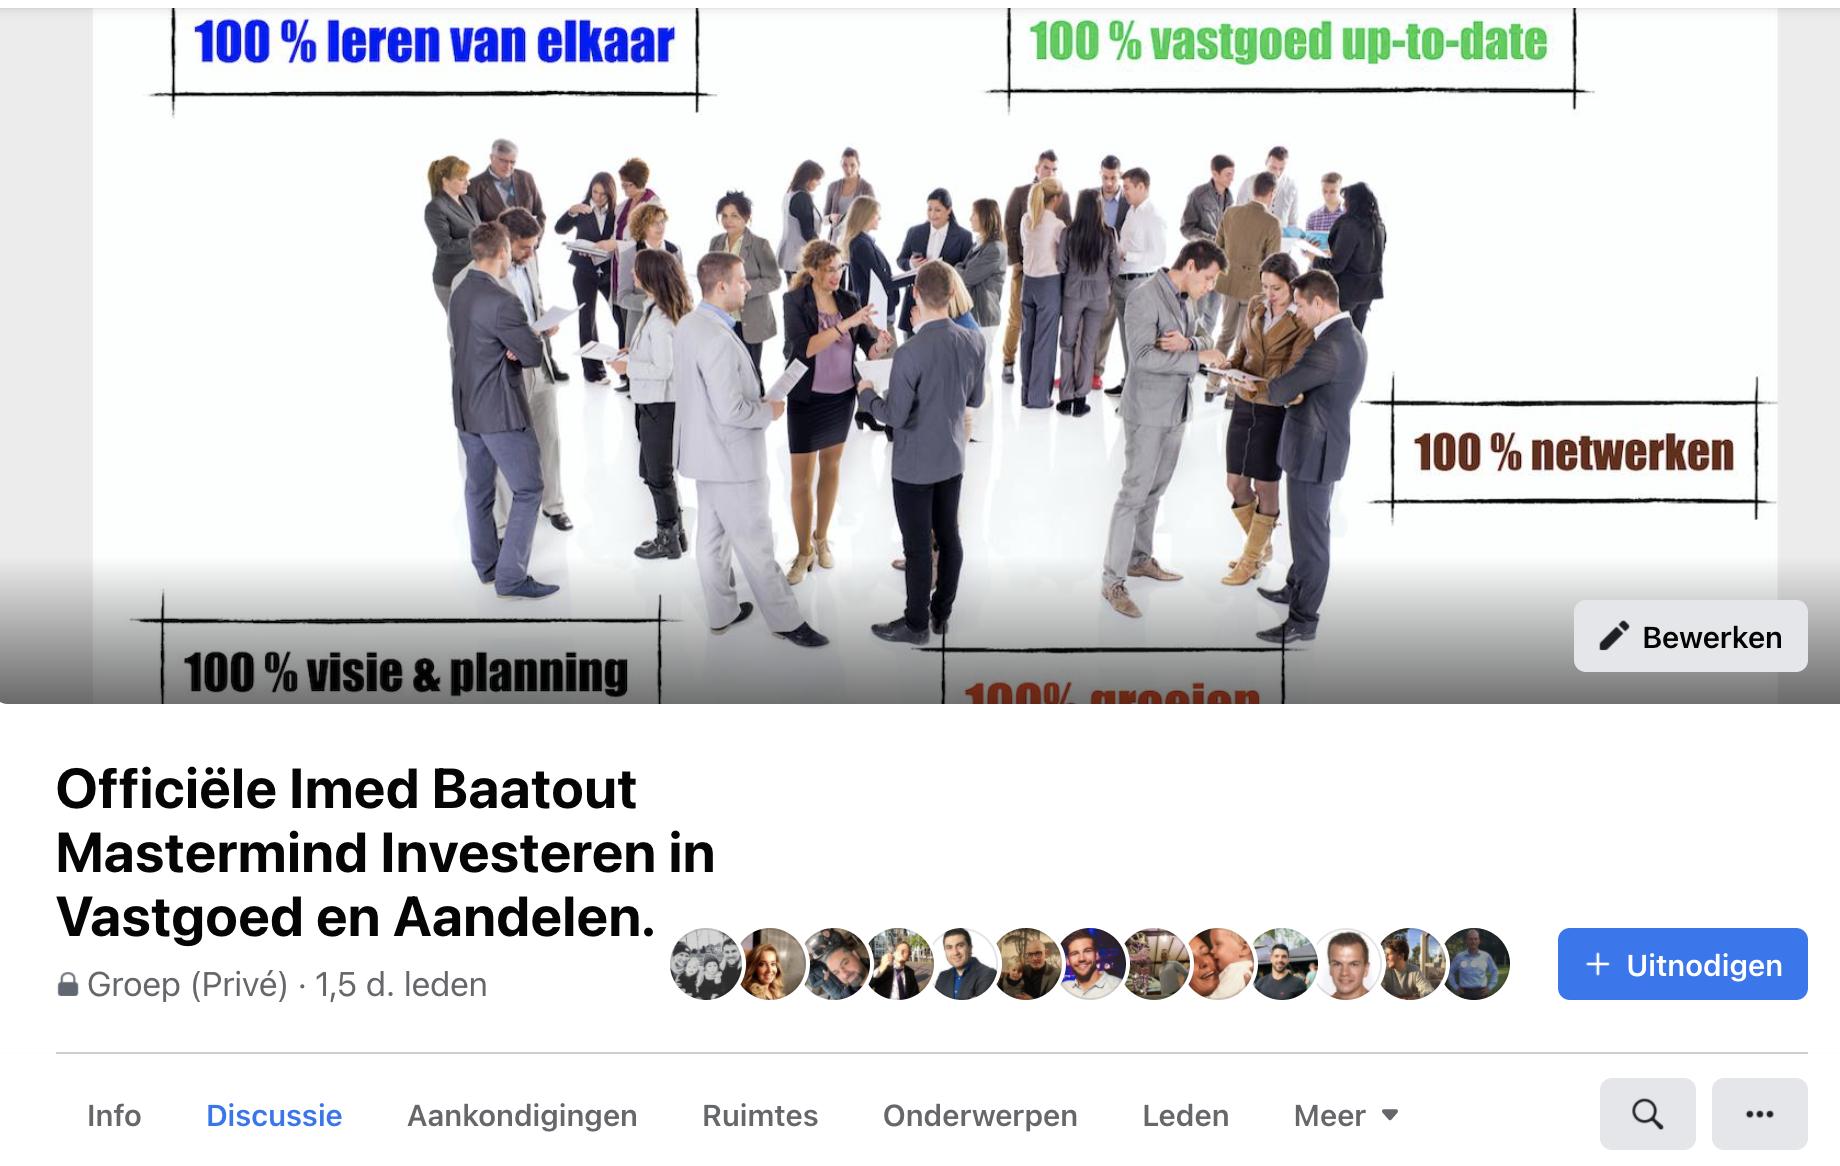 Mastermind community investeren in vastgoed en aandelen van Imed Baatout/.